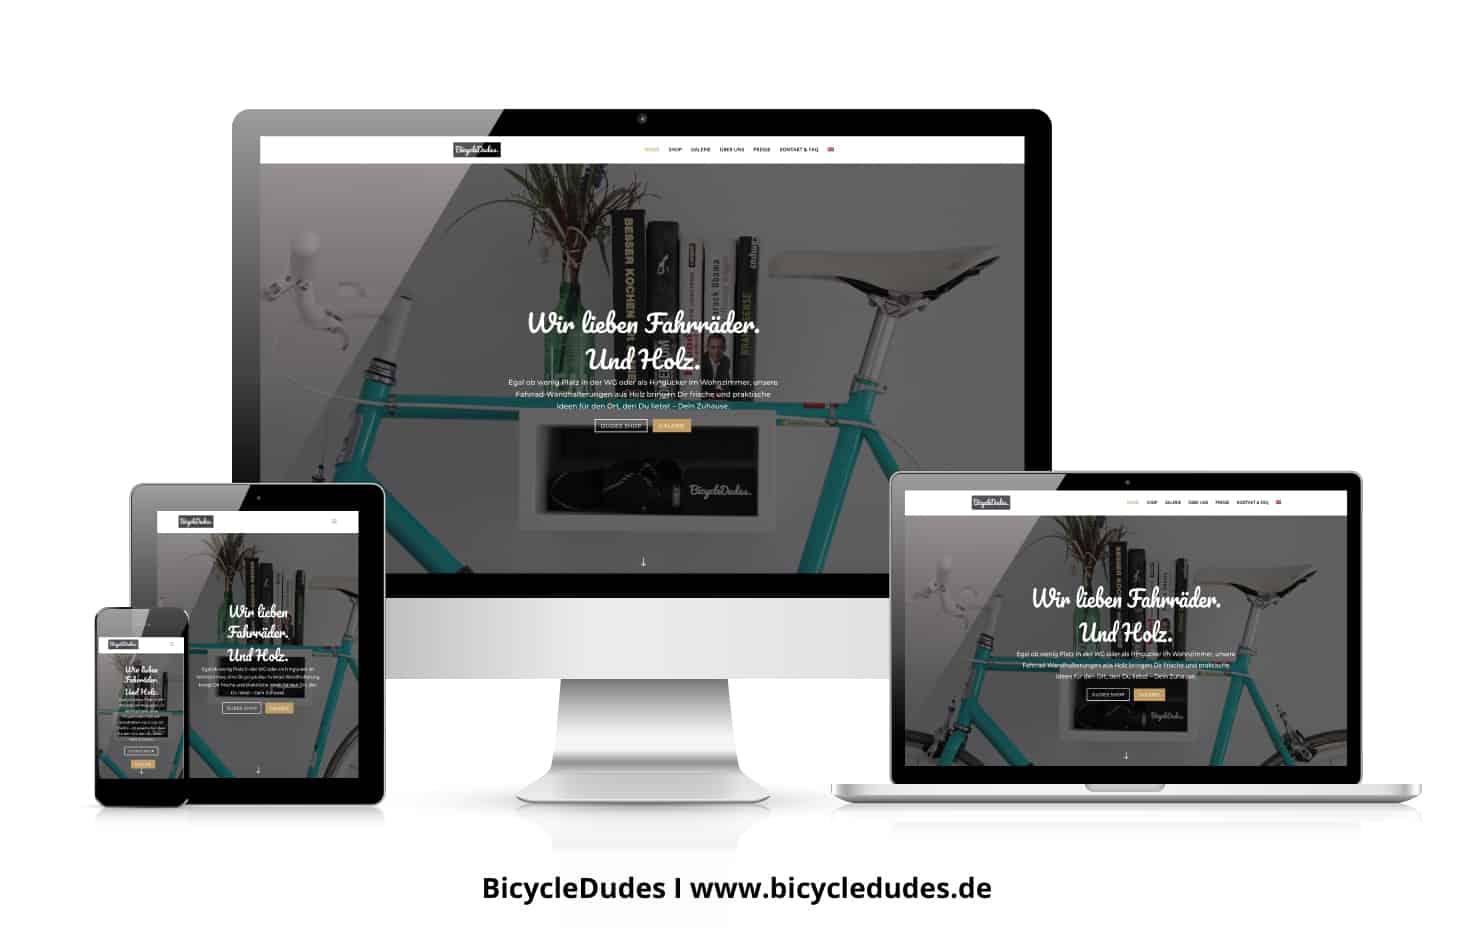 Hameln Einfach Online - Bicycledudes